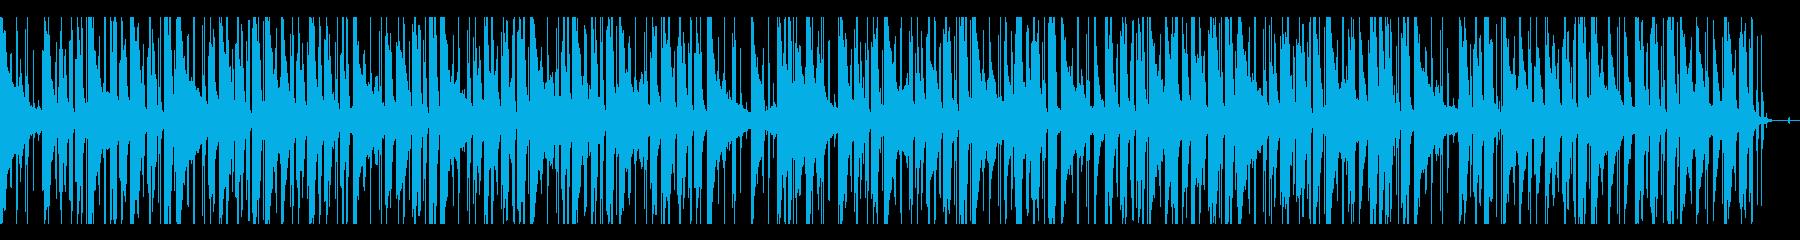 都会的・モダン・冷静 lo-fiピアノ の再生済みの波形